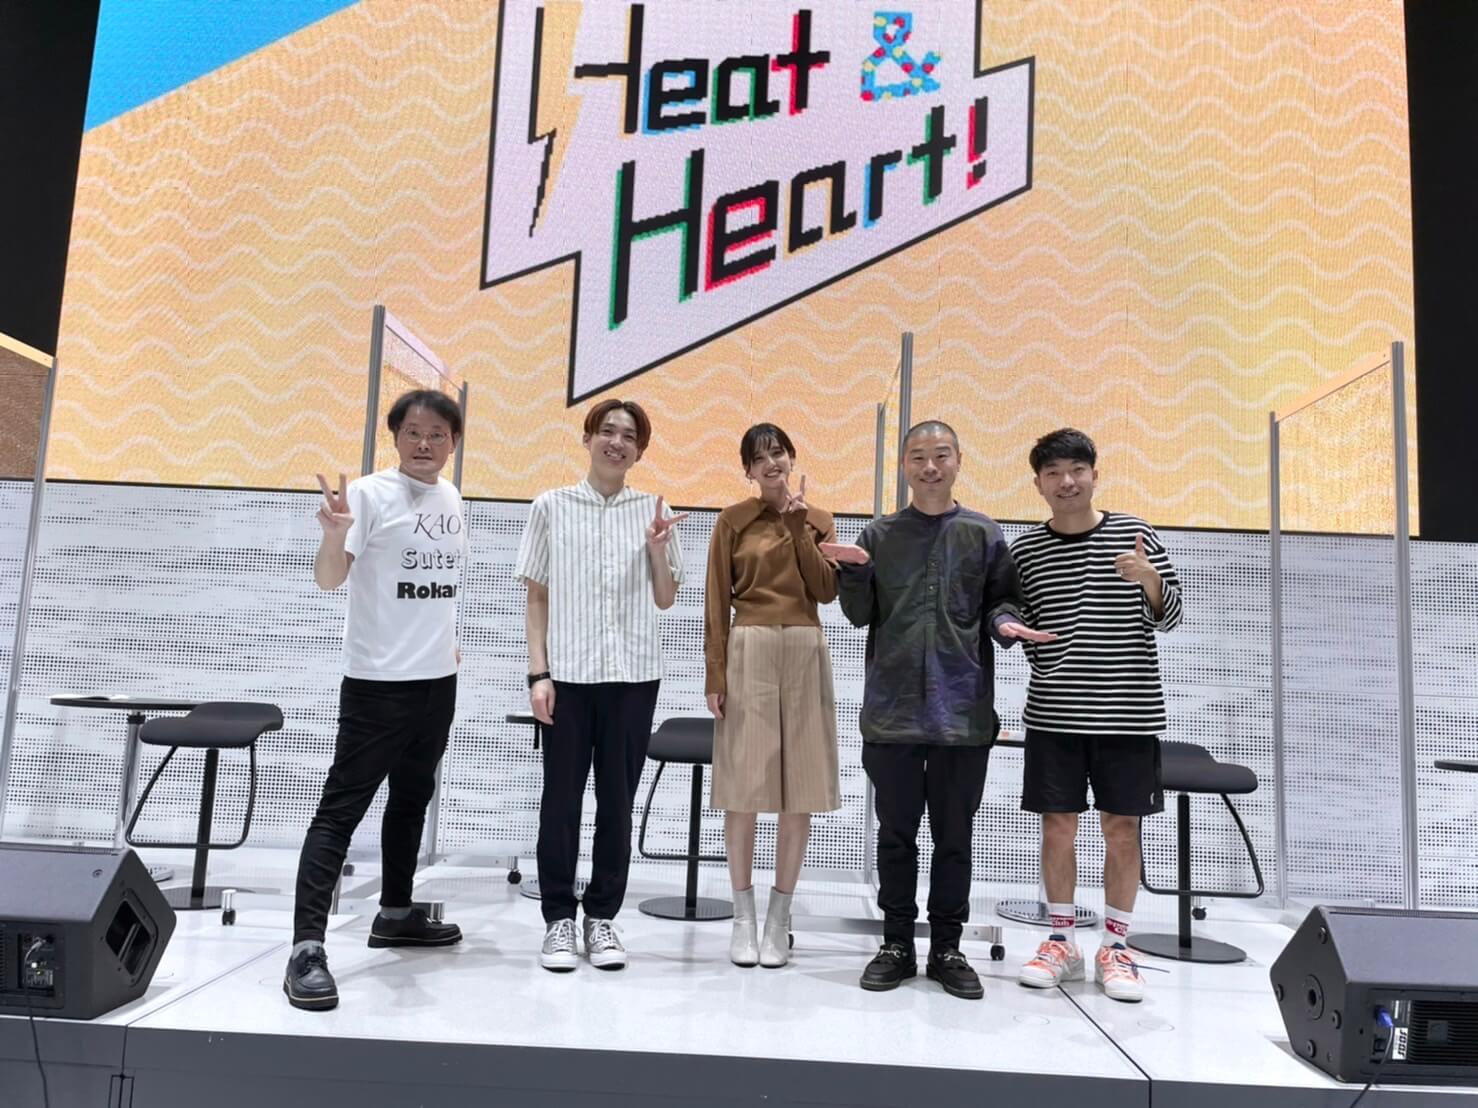 10月24日の放送は公開録音イベントの様子をお届け!お笑いコンビ・アキナのおふたりをゲストにエキサイティングトーク!『アインシュタイン・山崎紘菜 Heat & Heart!』